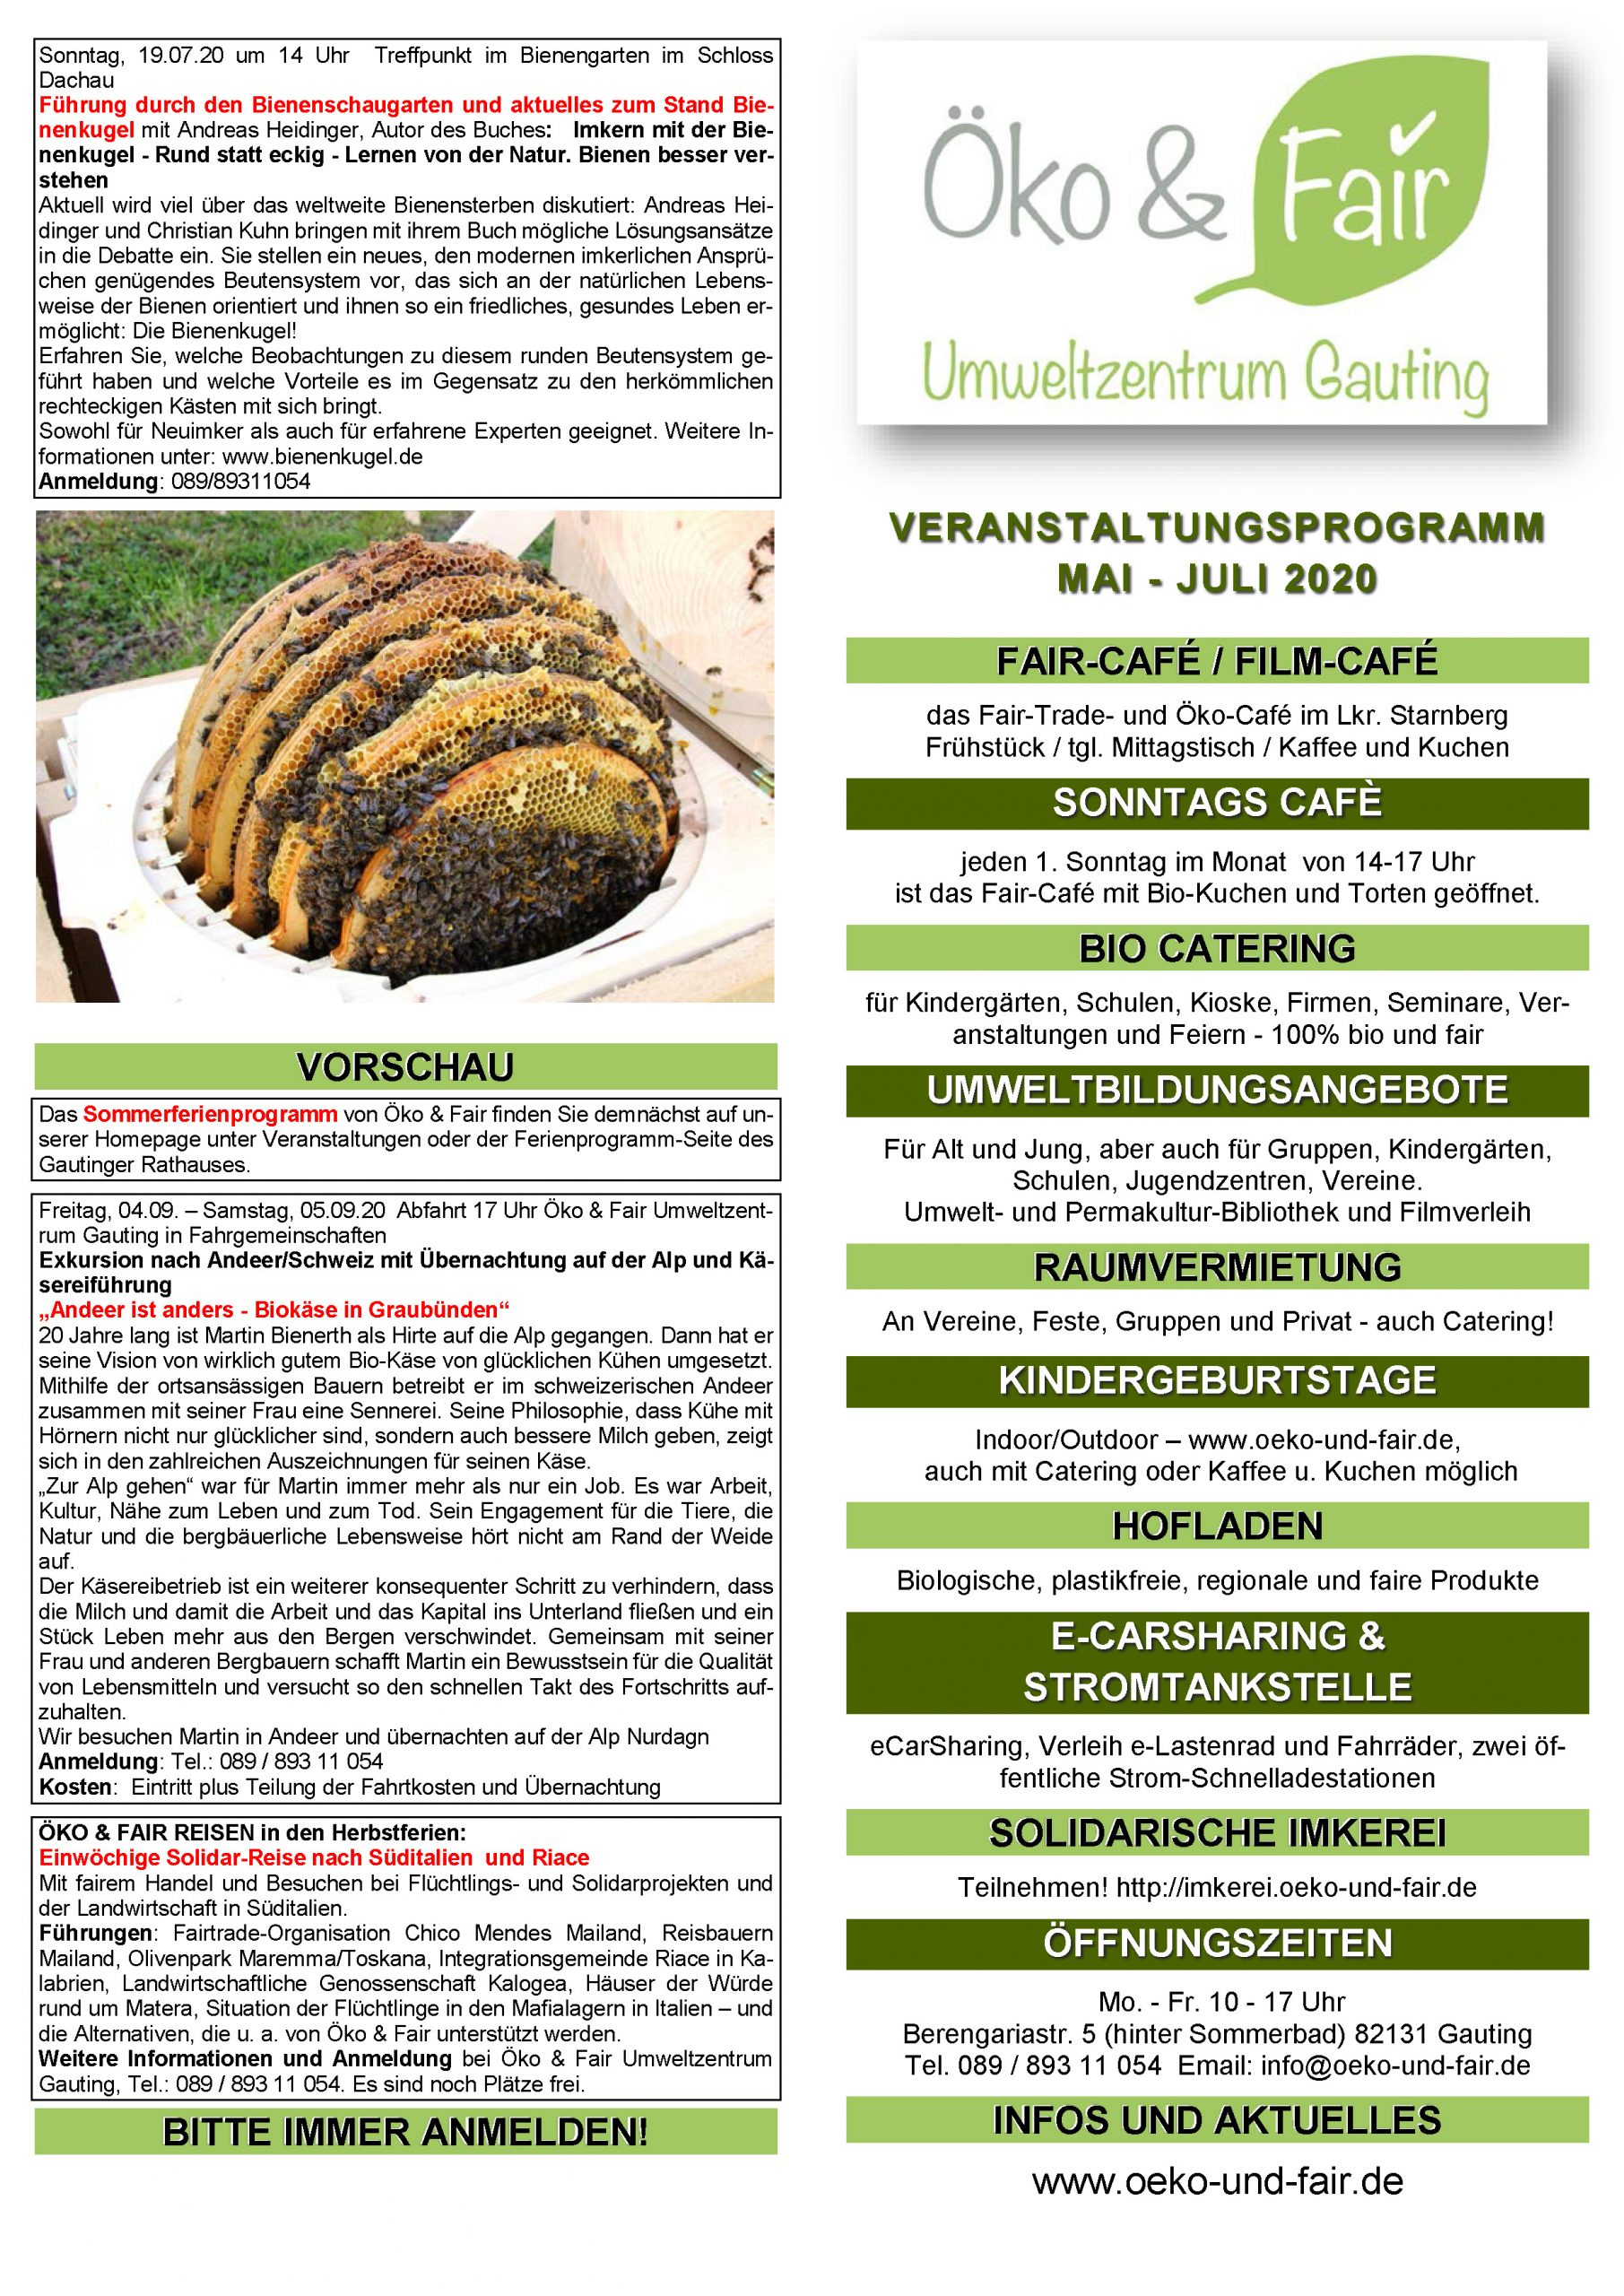 ÖkoFair-Veranstaltungsprogramm Mai-Juli 2020_Seite_1